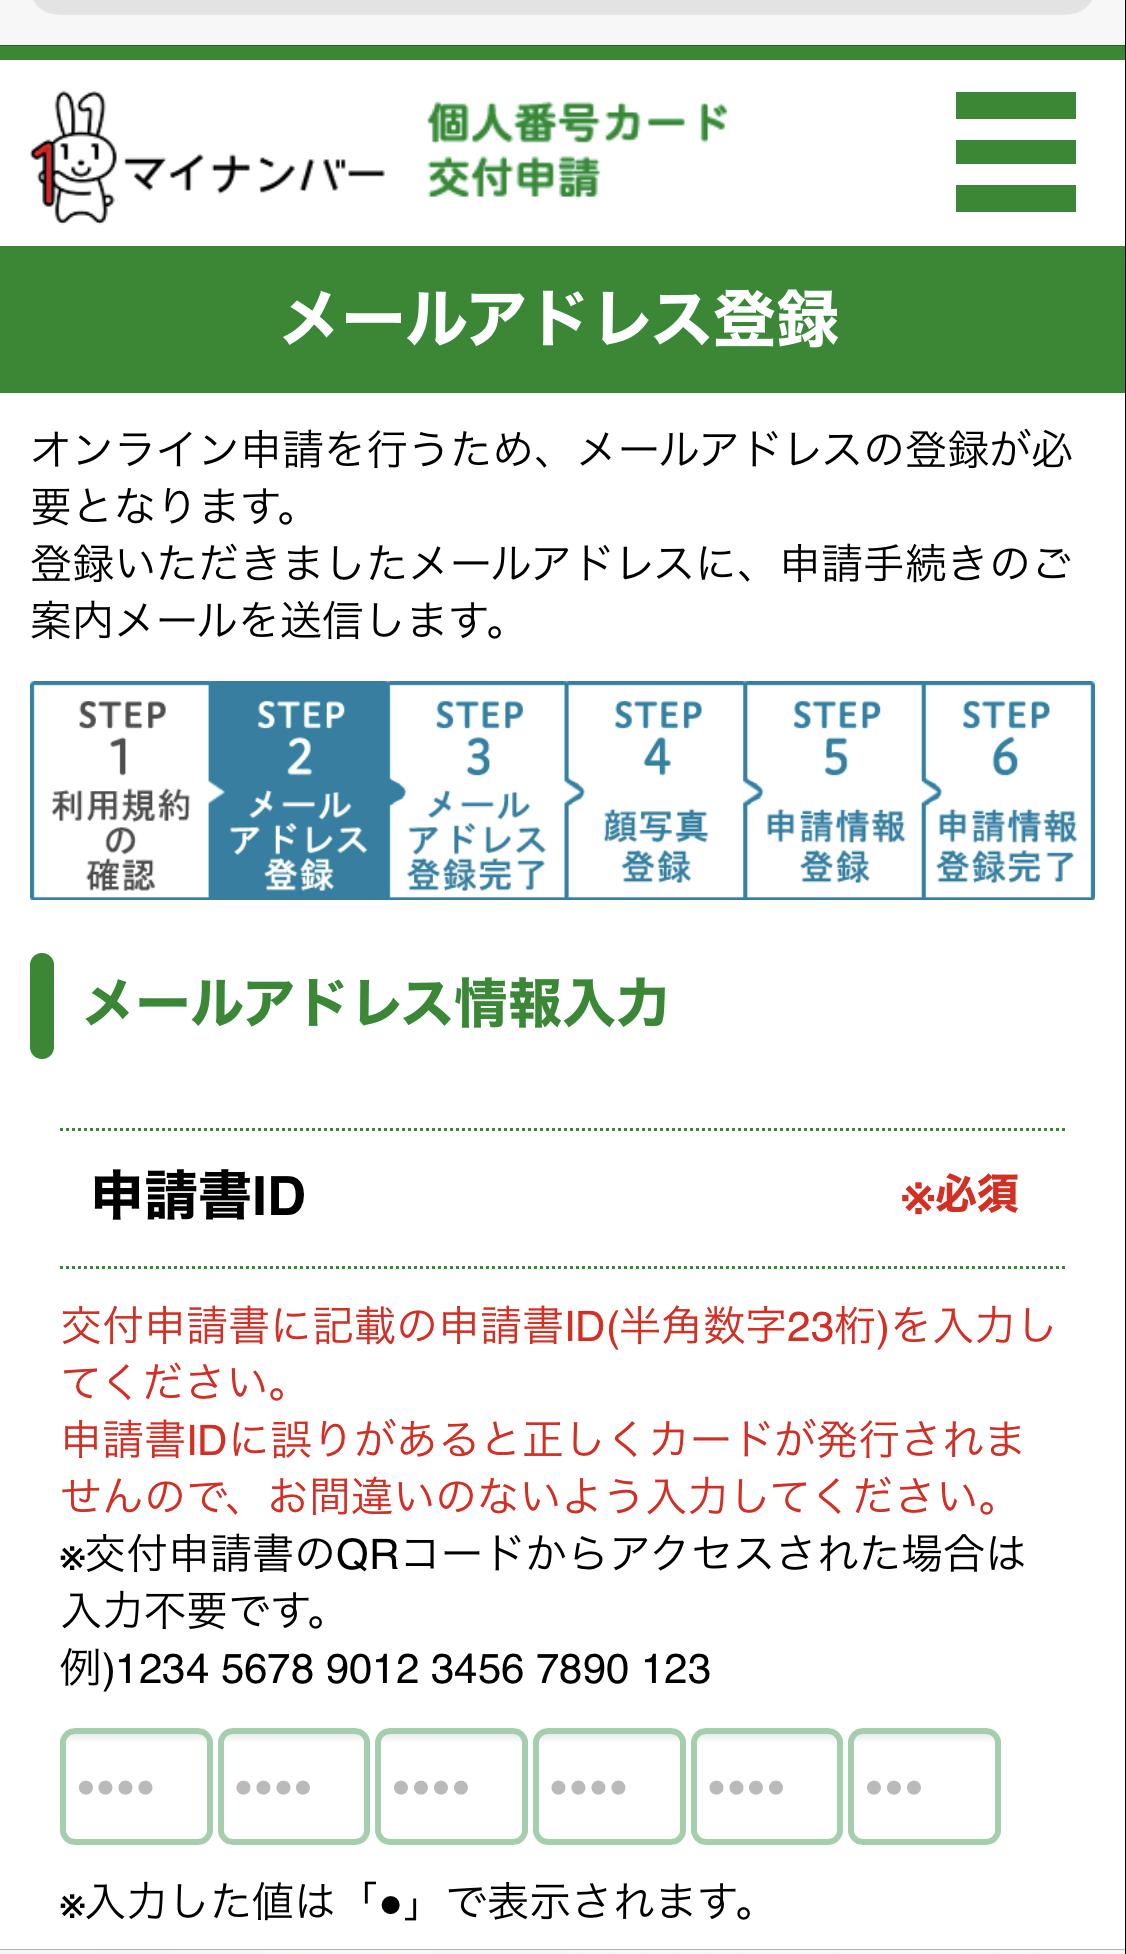 マイナンバーカード申請画面1